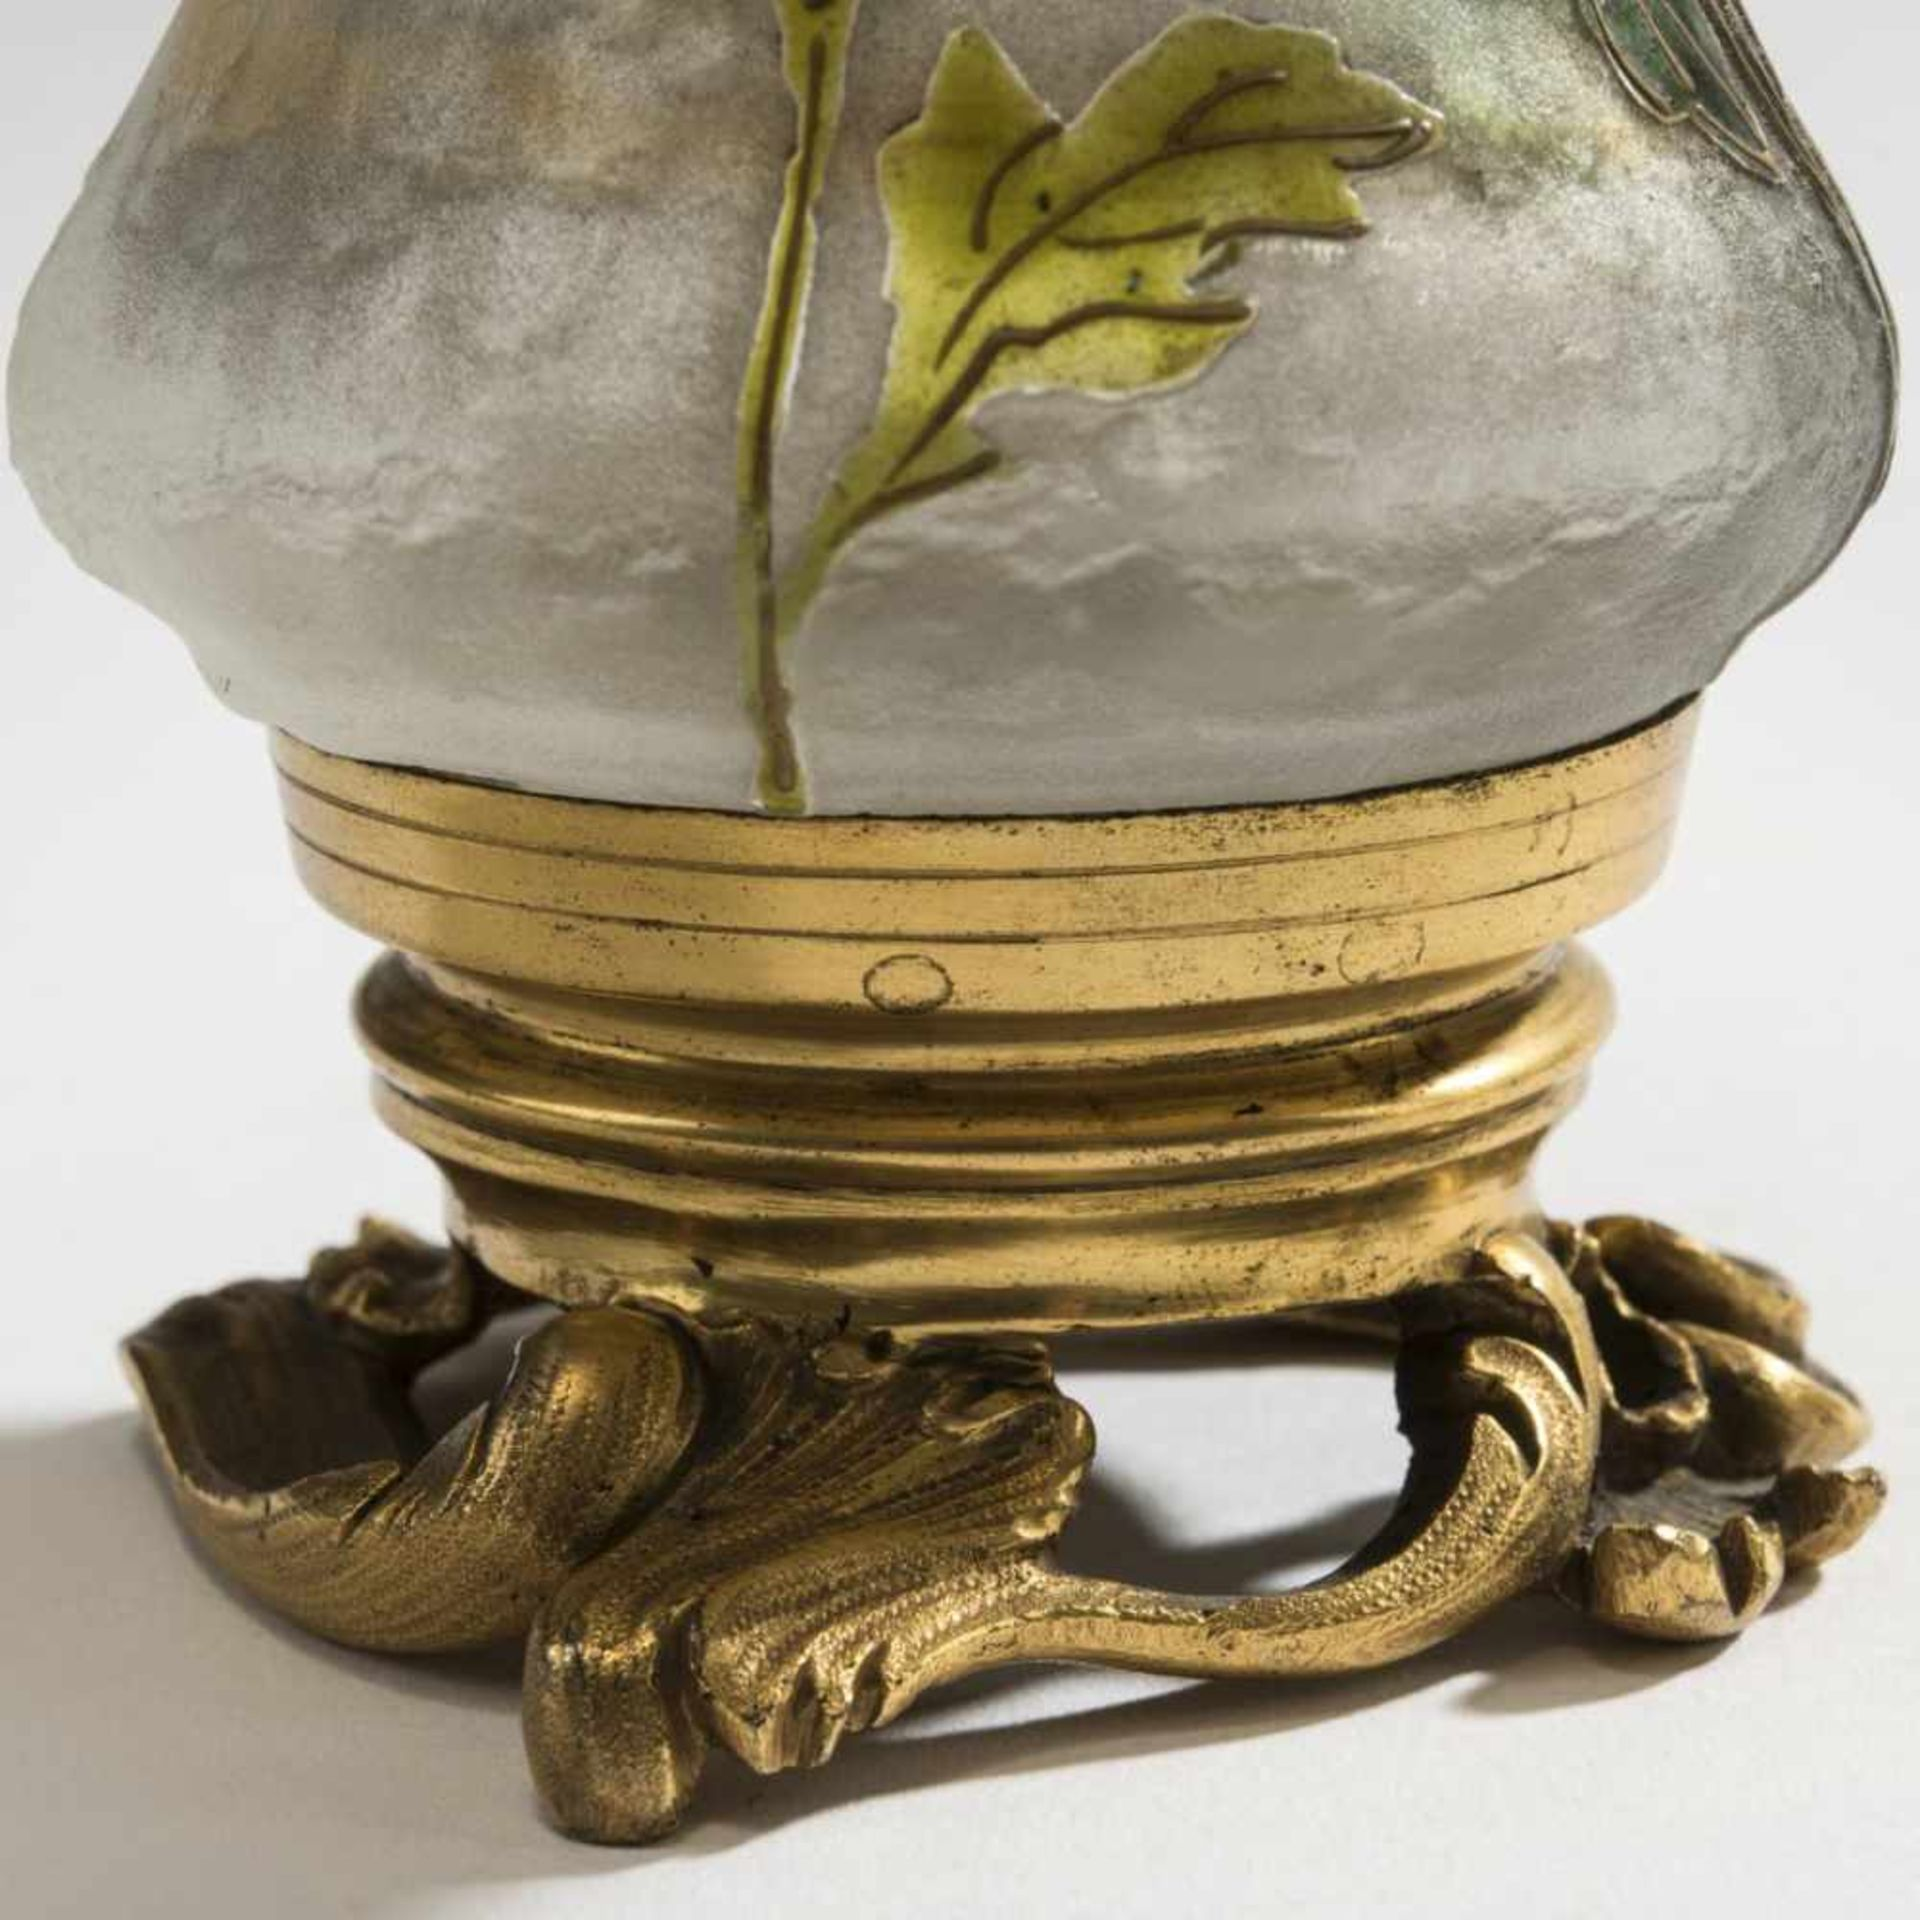 Daum Frères, Nancy, Vase 'Chryanthèmes' with bronze foot, c. 1897 - Bild 4 aus 5